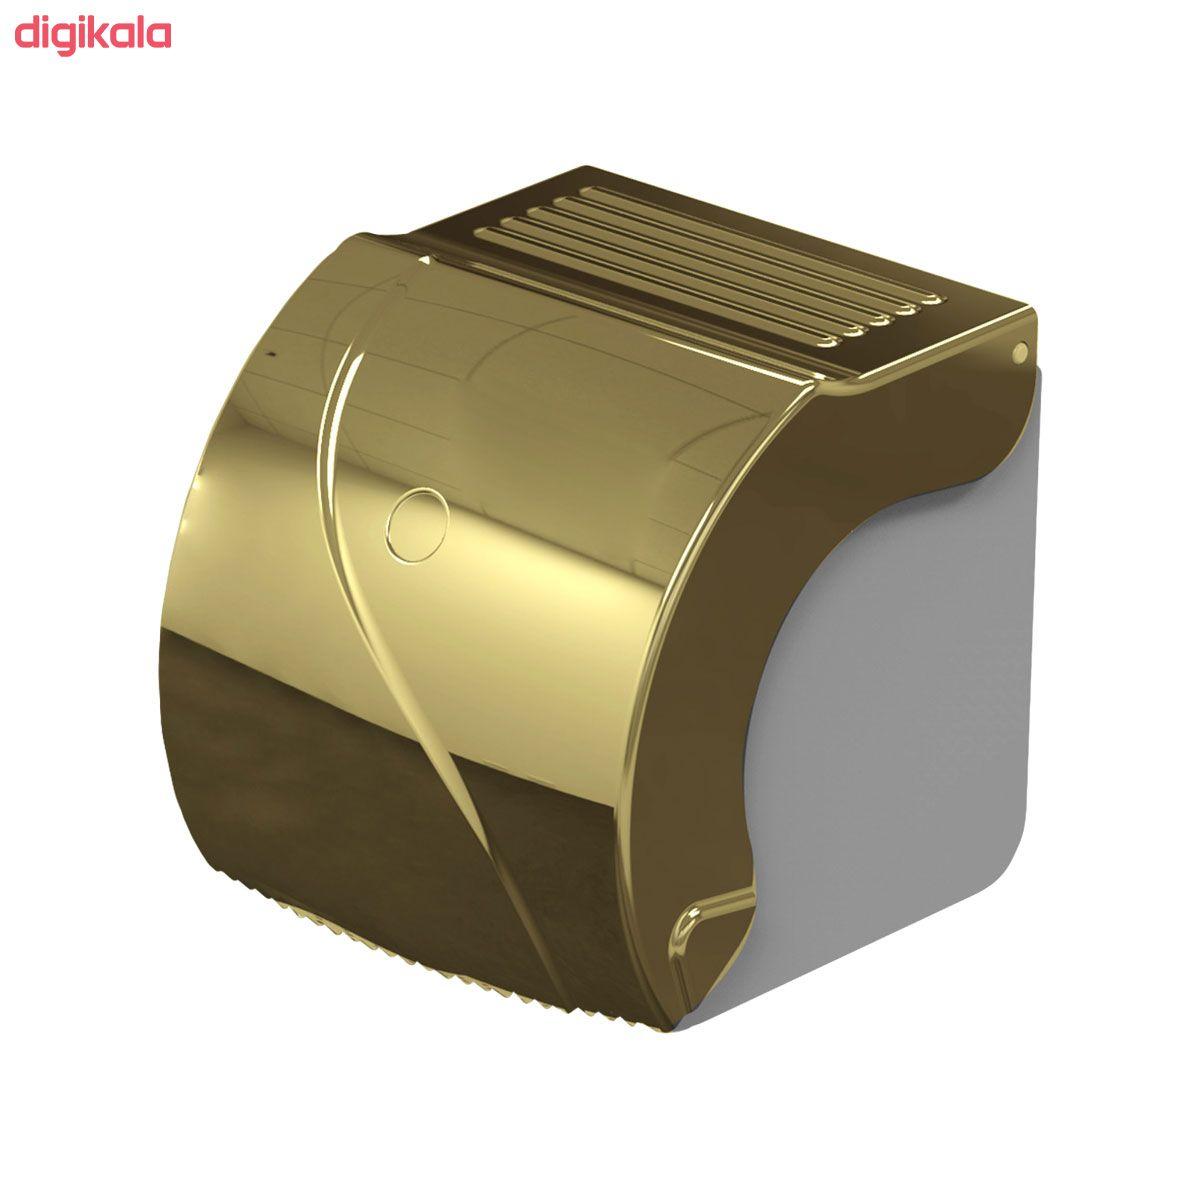 جای دستمال توالت سنی پلاستیک مدل madis2020 main 1 10